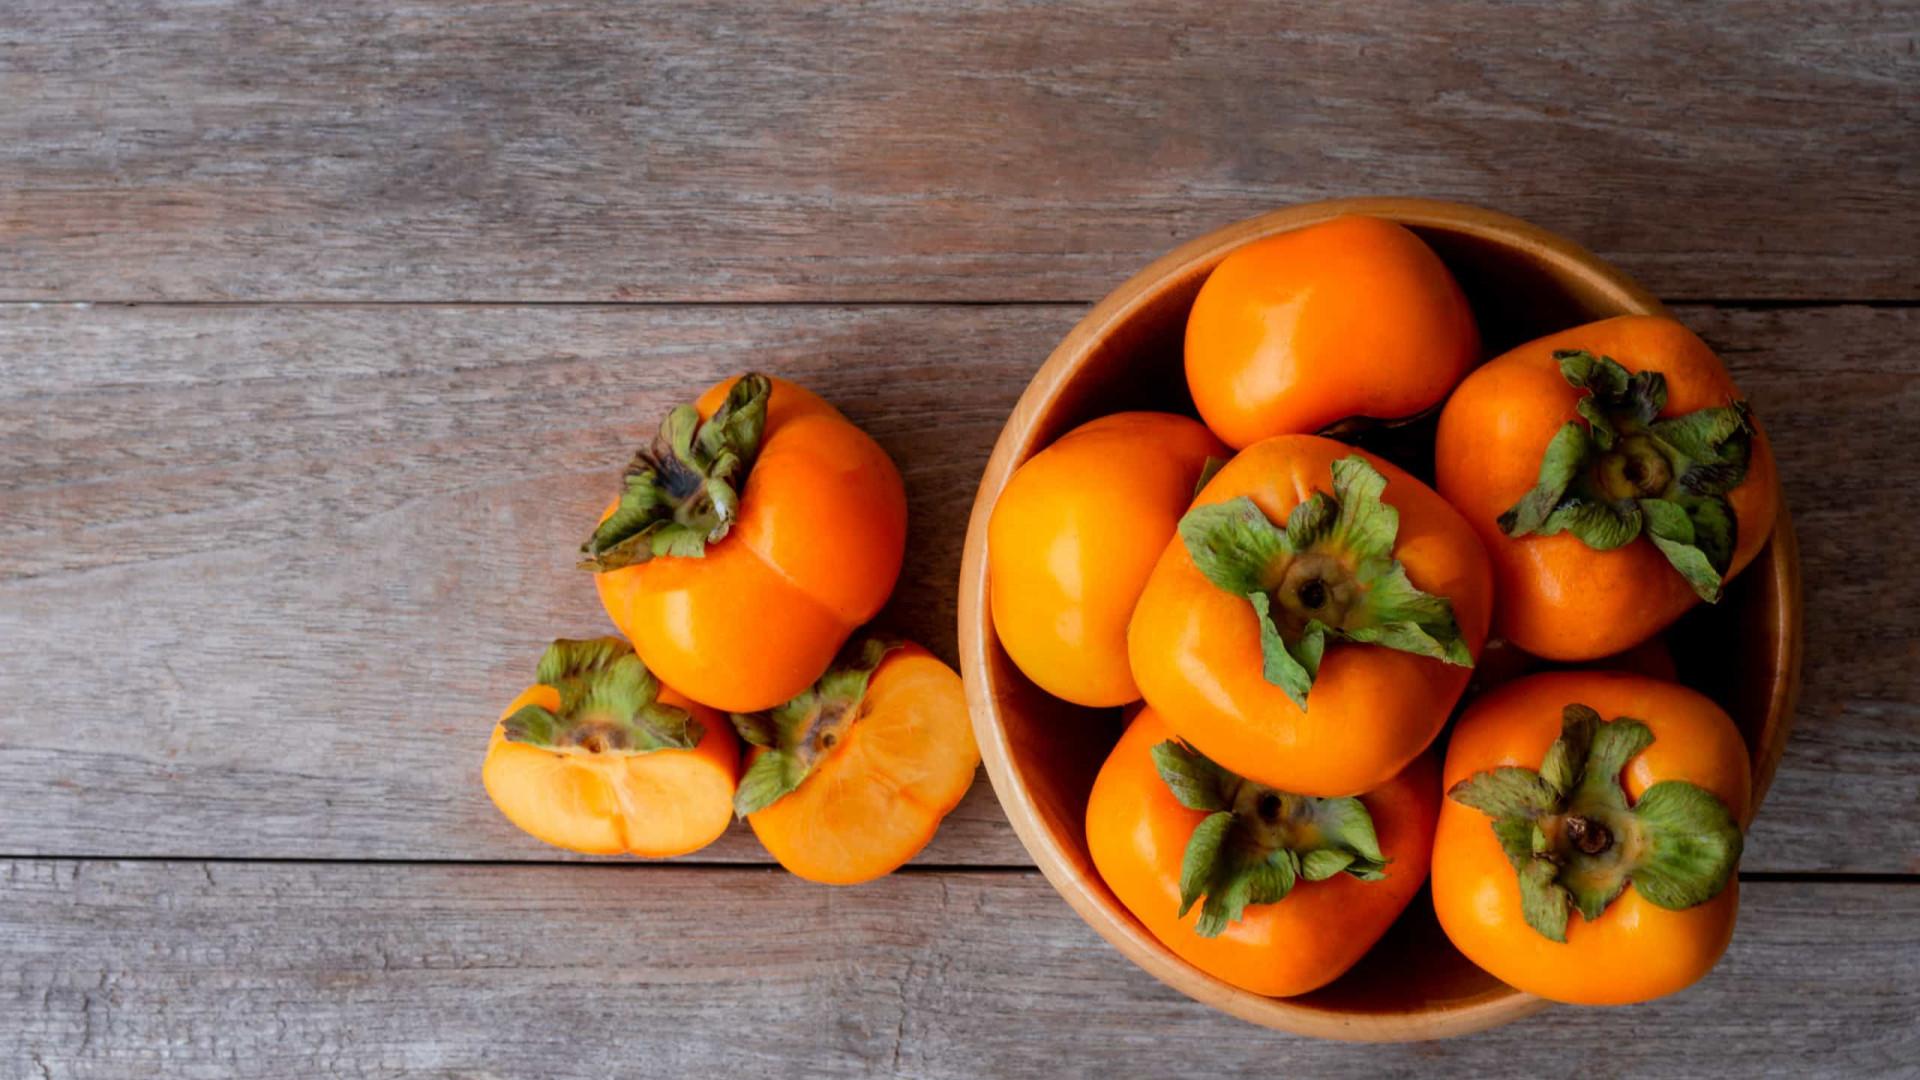 Saiba mais sobre os nutrientes de frutas desta época do ano